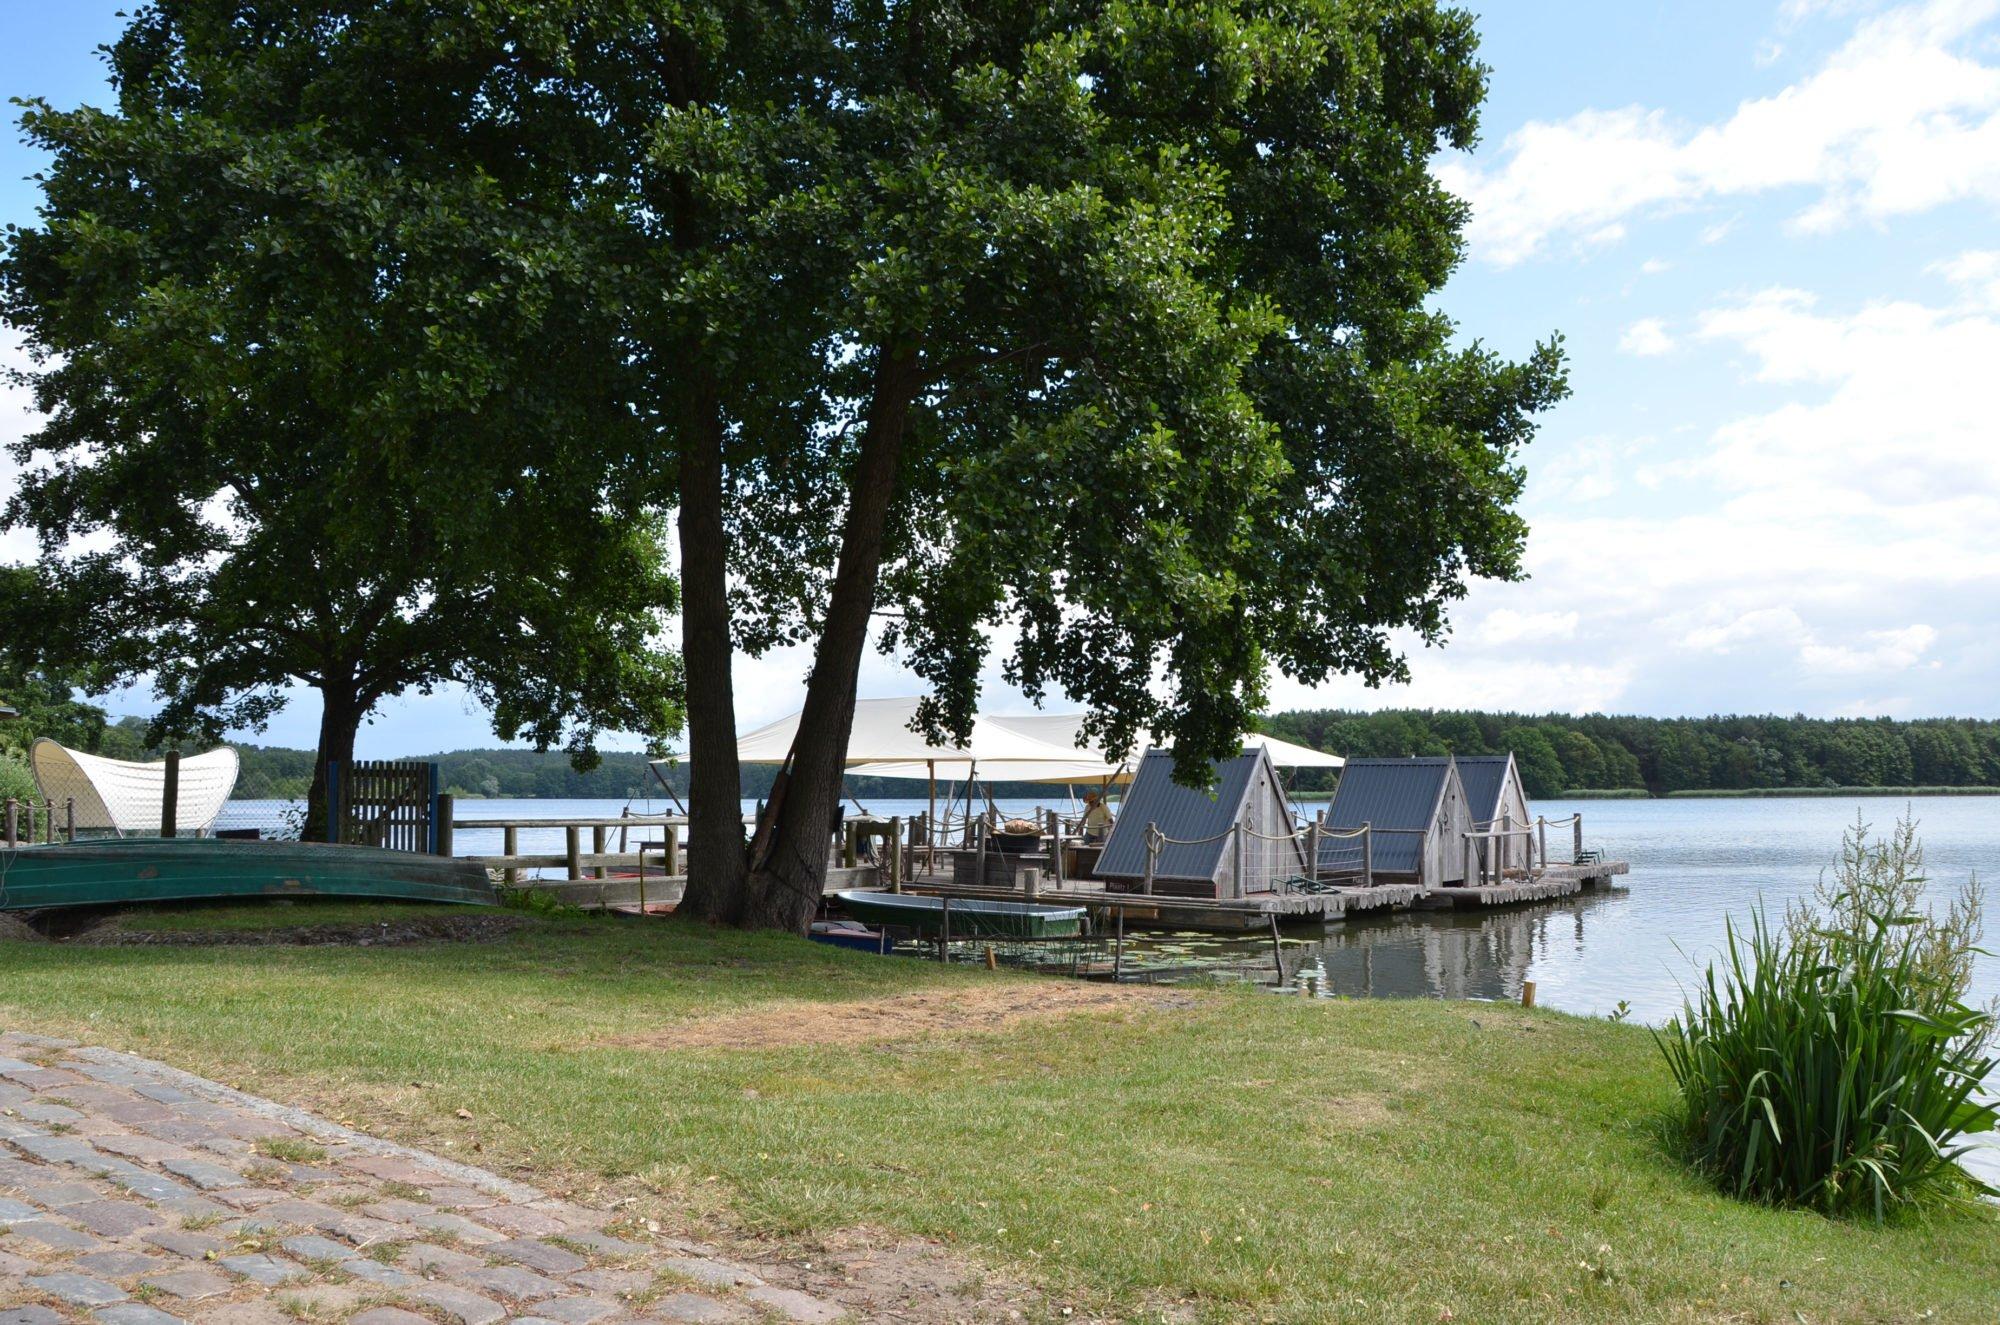 Im Vordergrund ein Kopsteinpflaster-Weg, dahinter ein großer Laubbaum. Hinter dem Baum sind die Floße aus Holz zu erkennen. Dahinter der See.